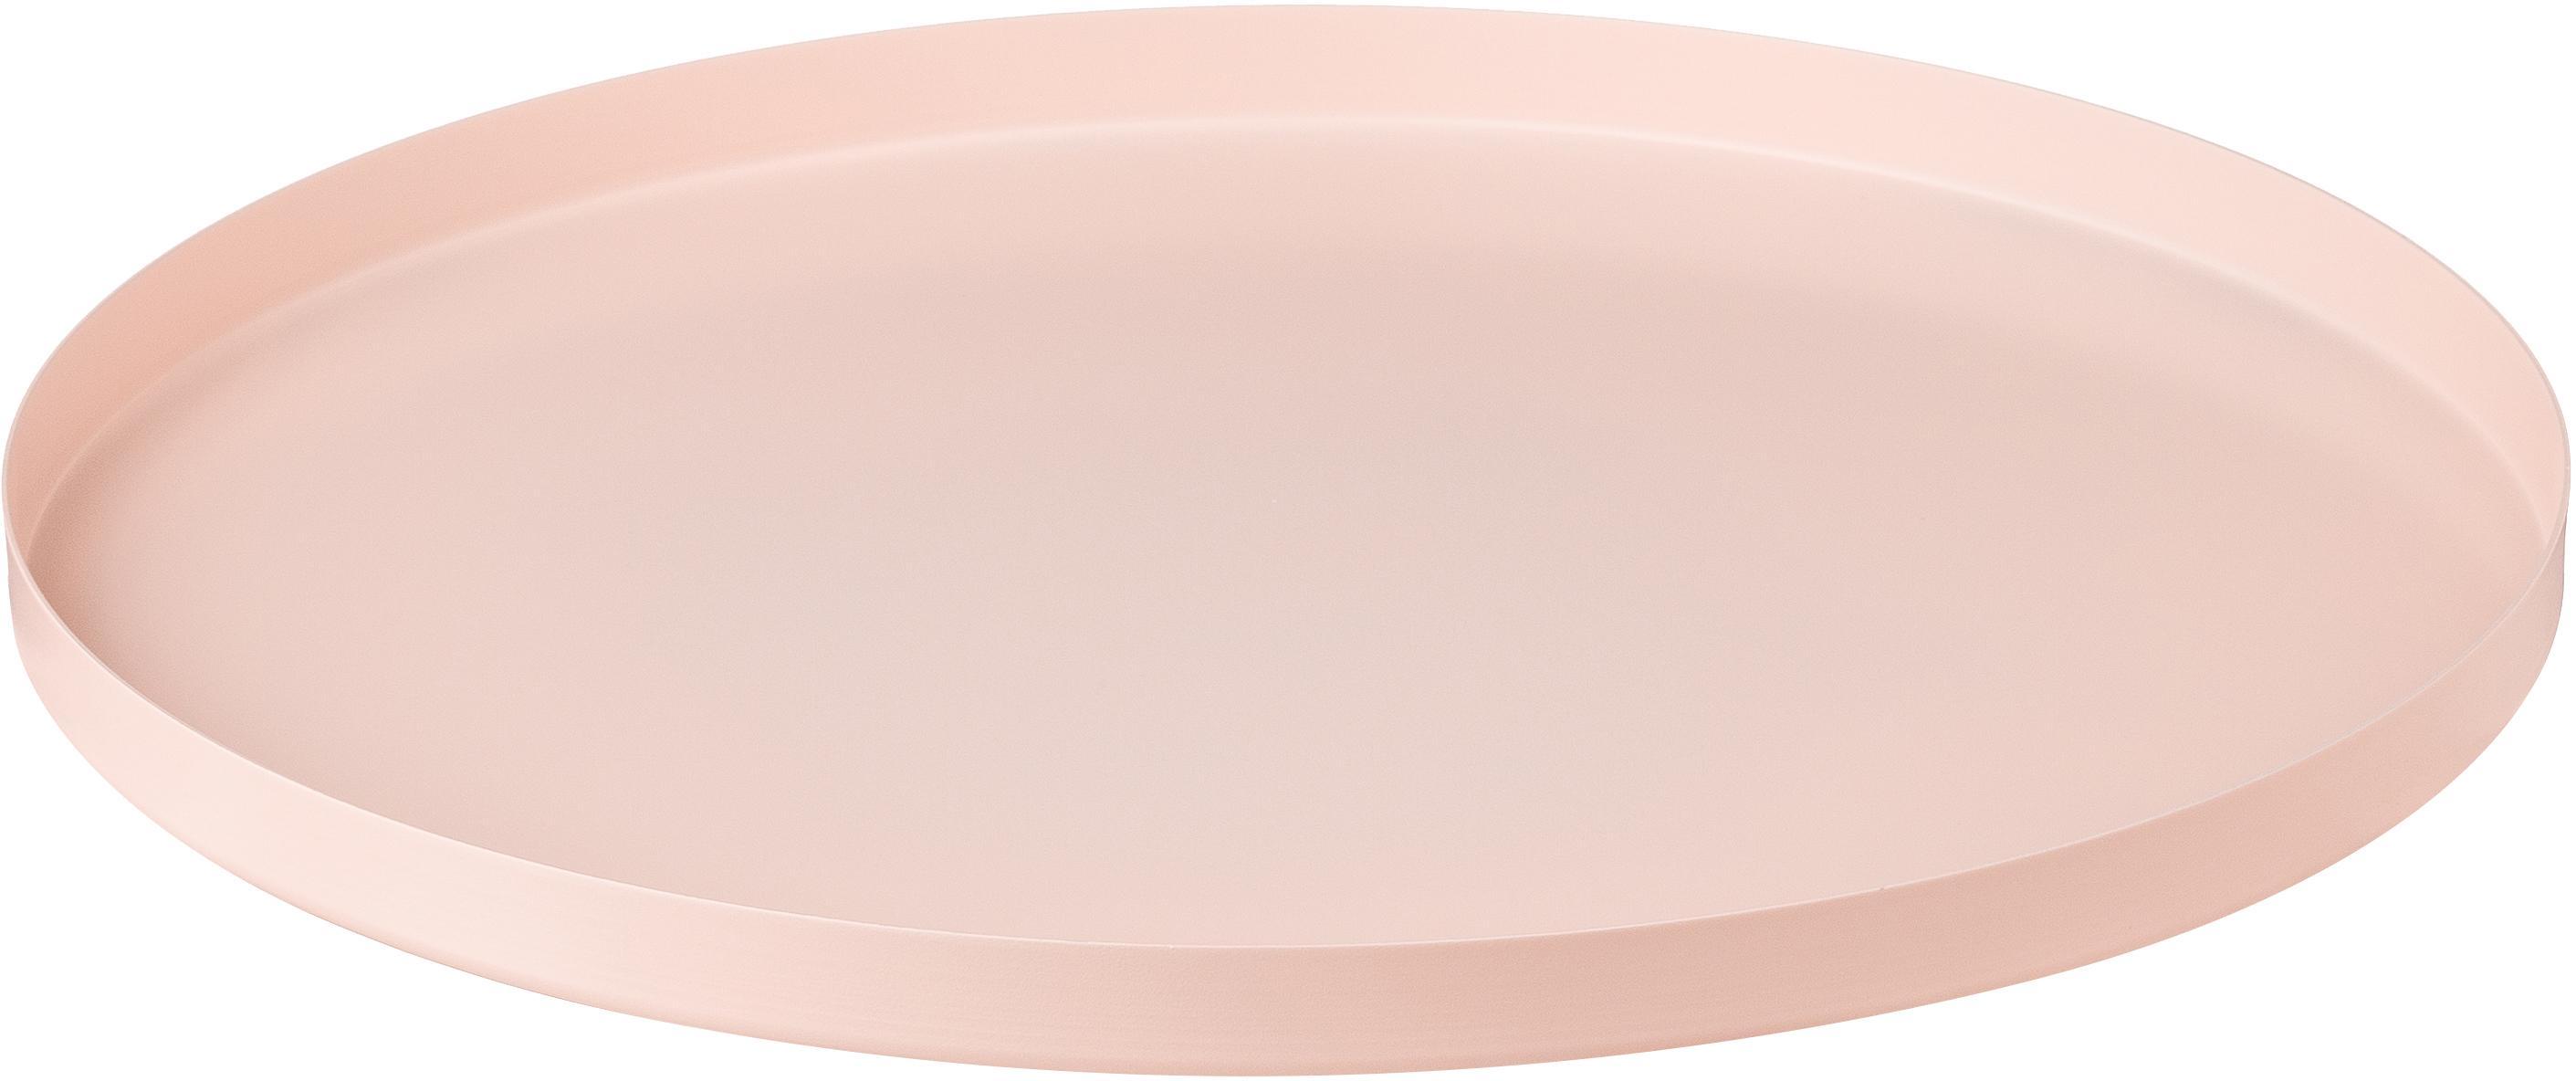 Bandeja decorativa Circle, Acero inoxidable, pintura en polvo, Rosa, Ø 30 x Al 2 cm